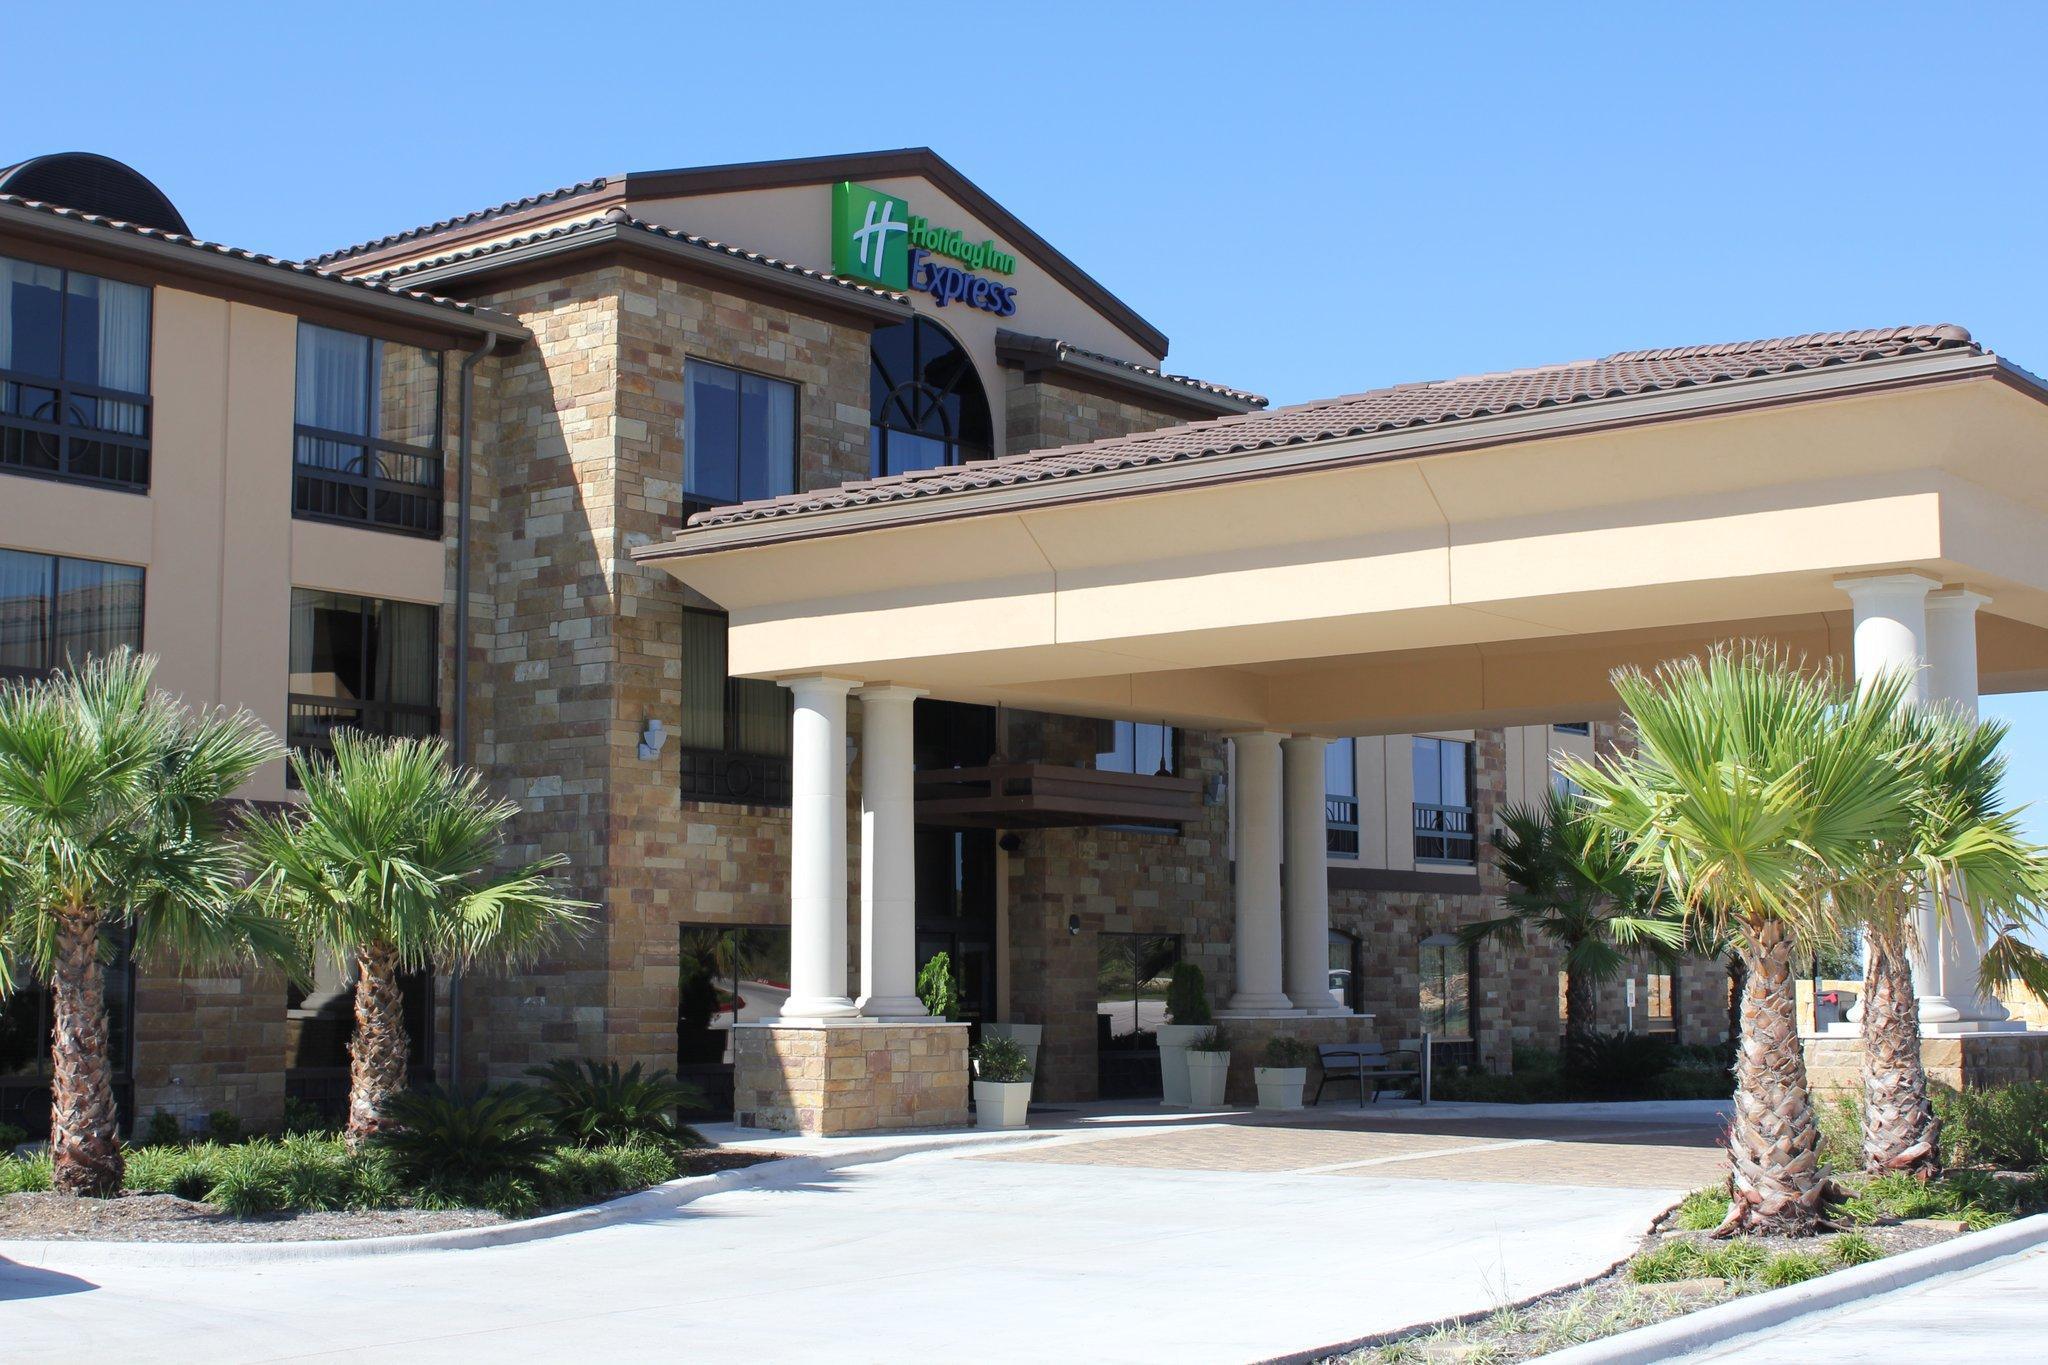 Holiday Inn Express Lakeway